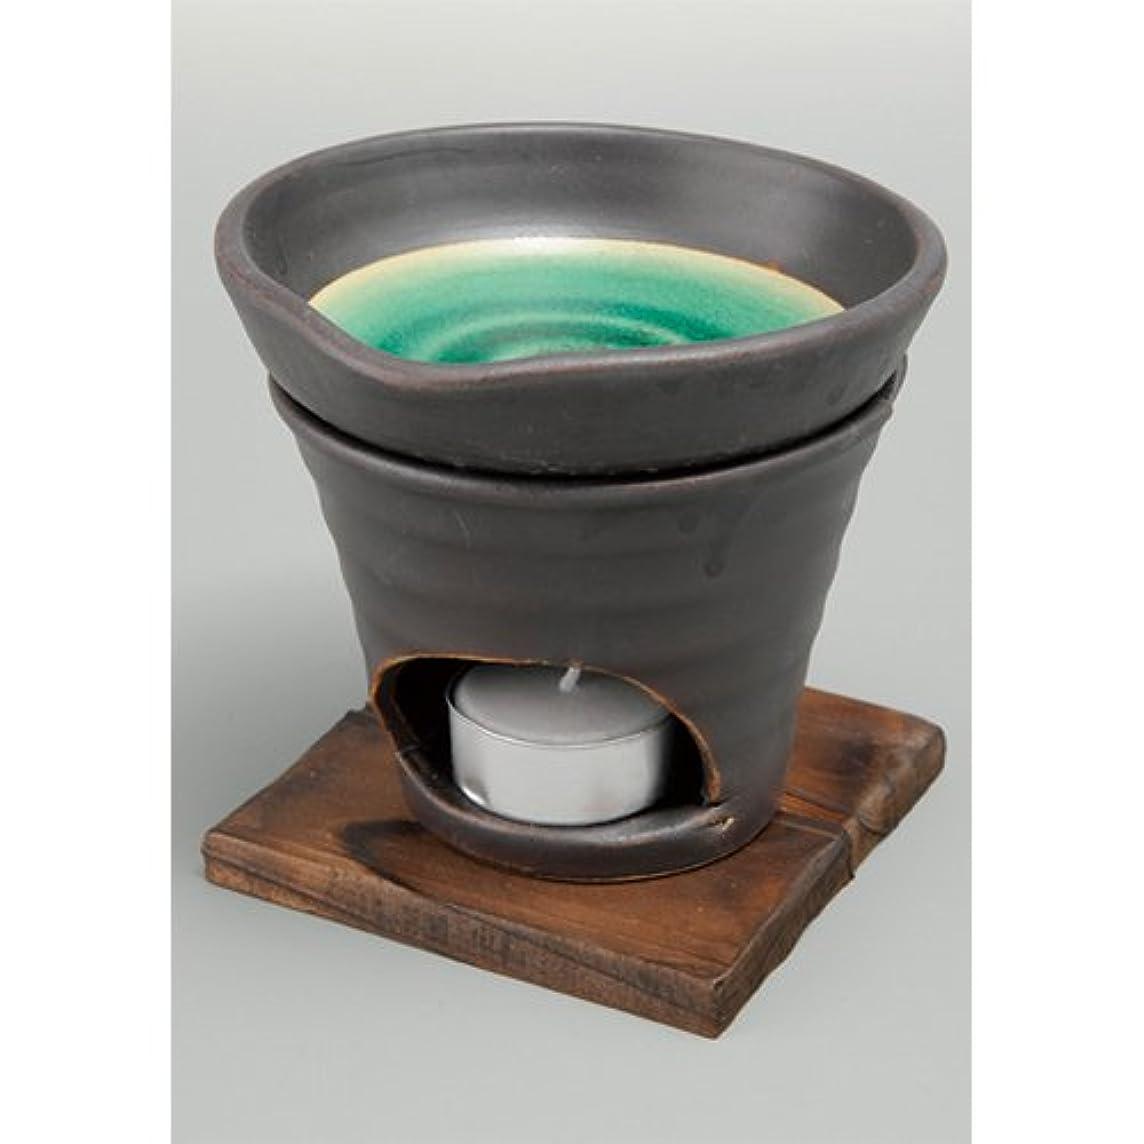 レタッチあなたはうれしい香炉 黒釉 茶香炉(緑) [R11.8xH11.5cm] HANDMADE プレゼント ギフト 和食器 かわいい インテリア